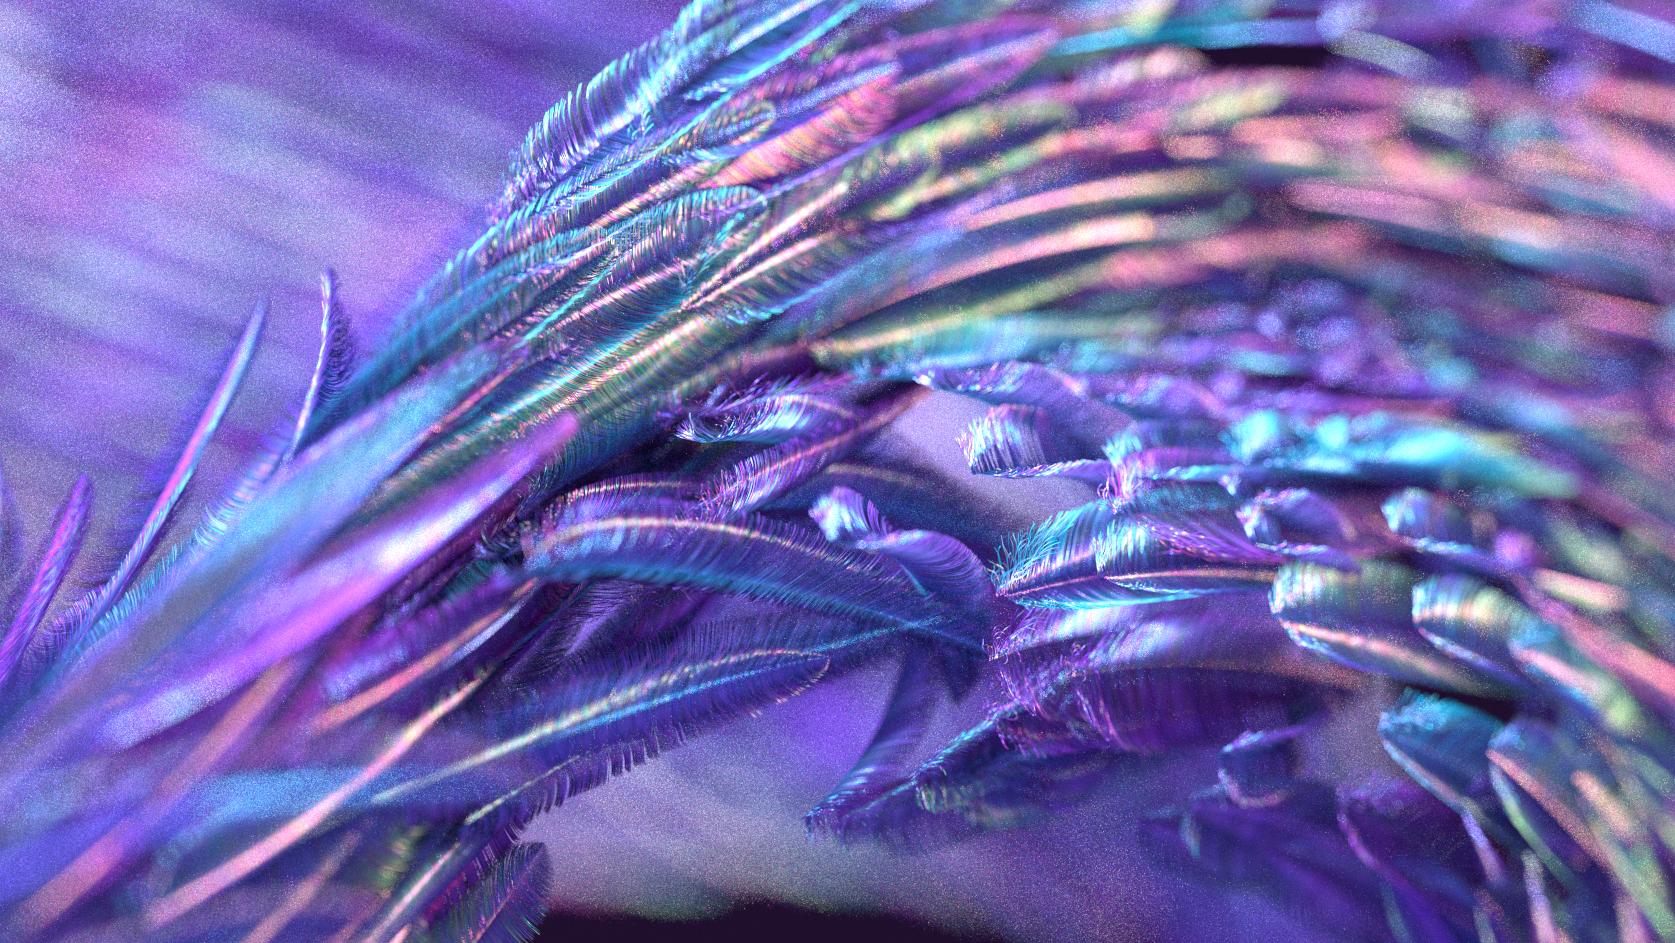 STU18_01_VIZIO_sh034_FeatherFrame_jl_v034.jpg